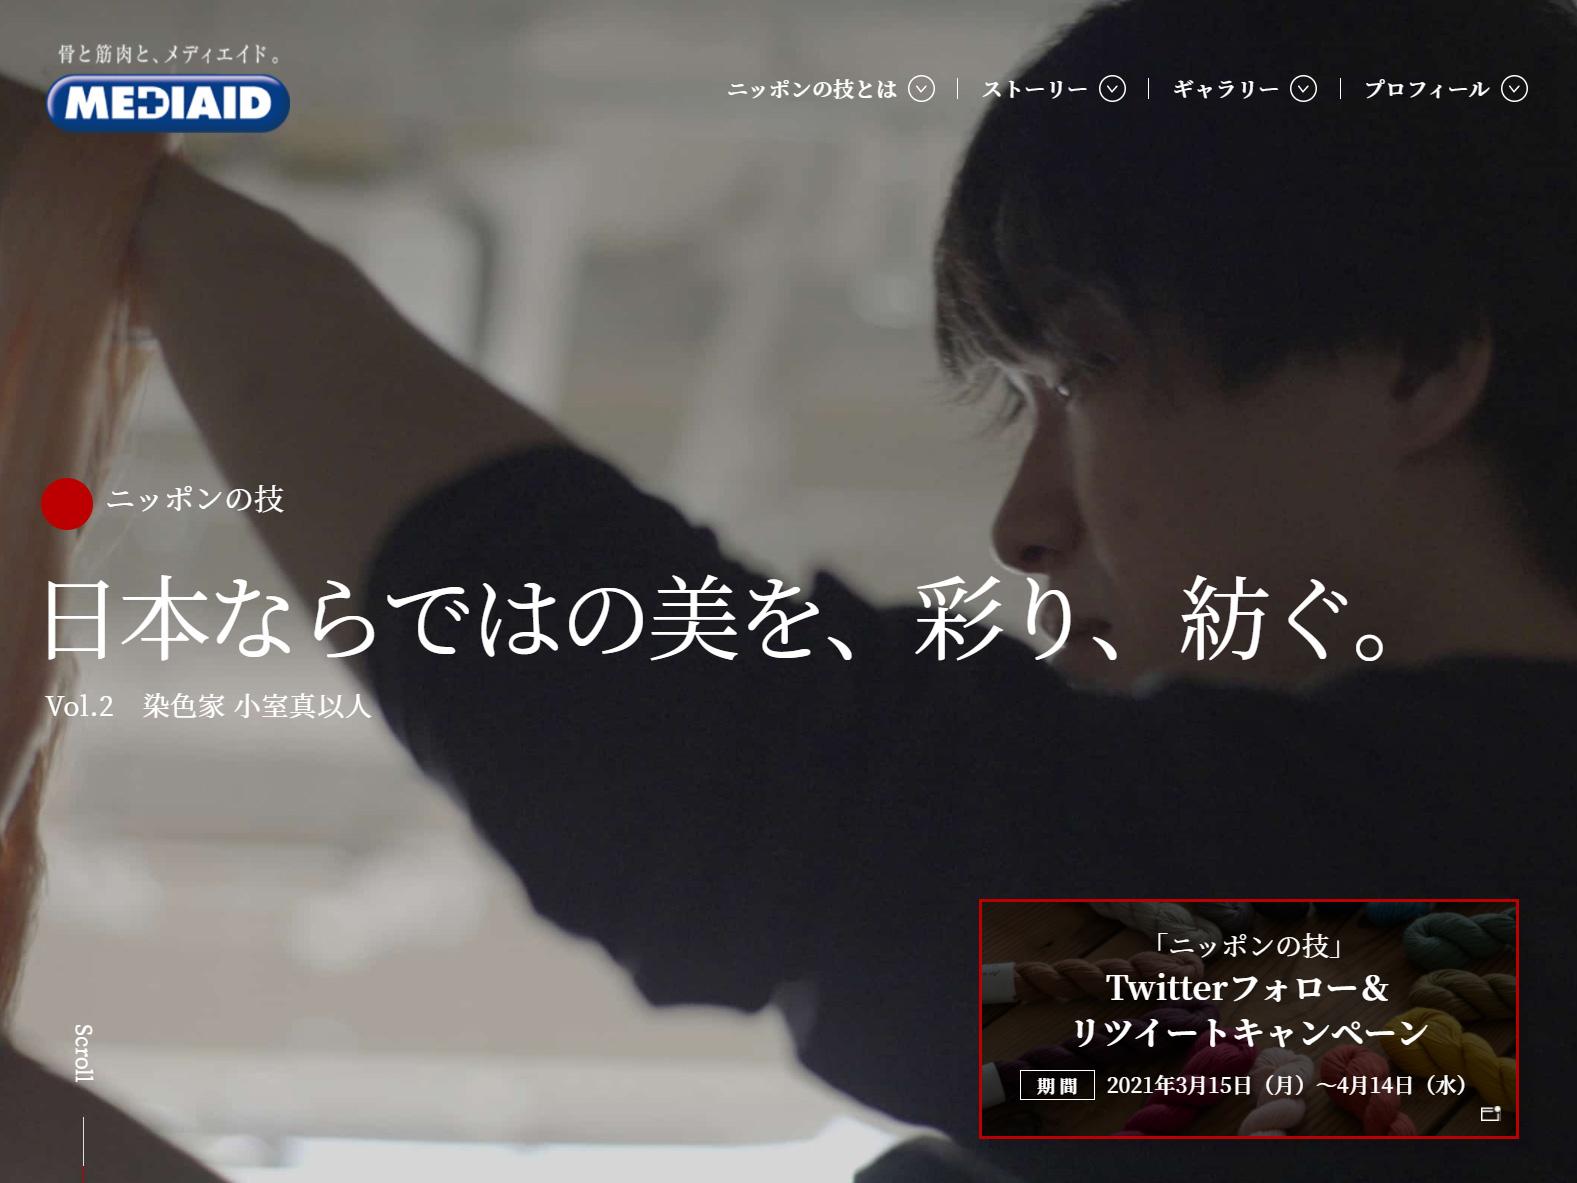 MEDIAID ニッポンの技